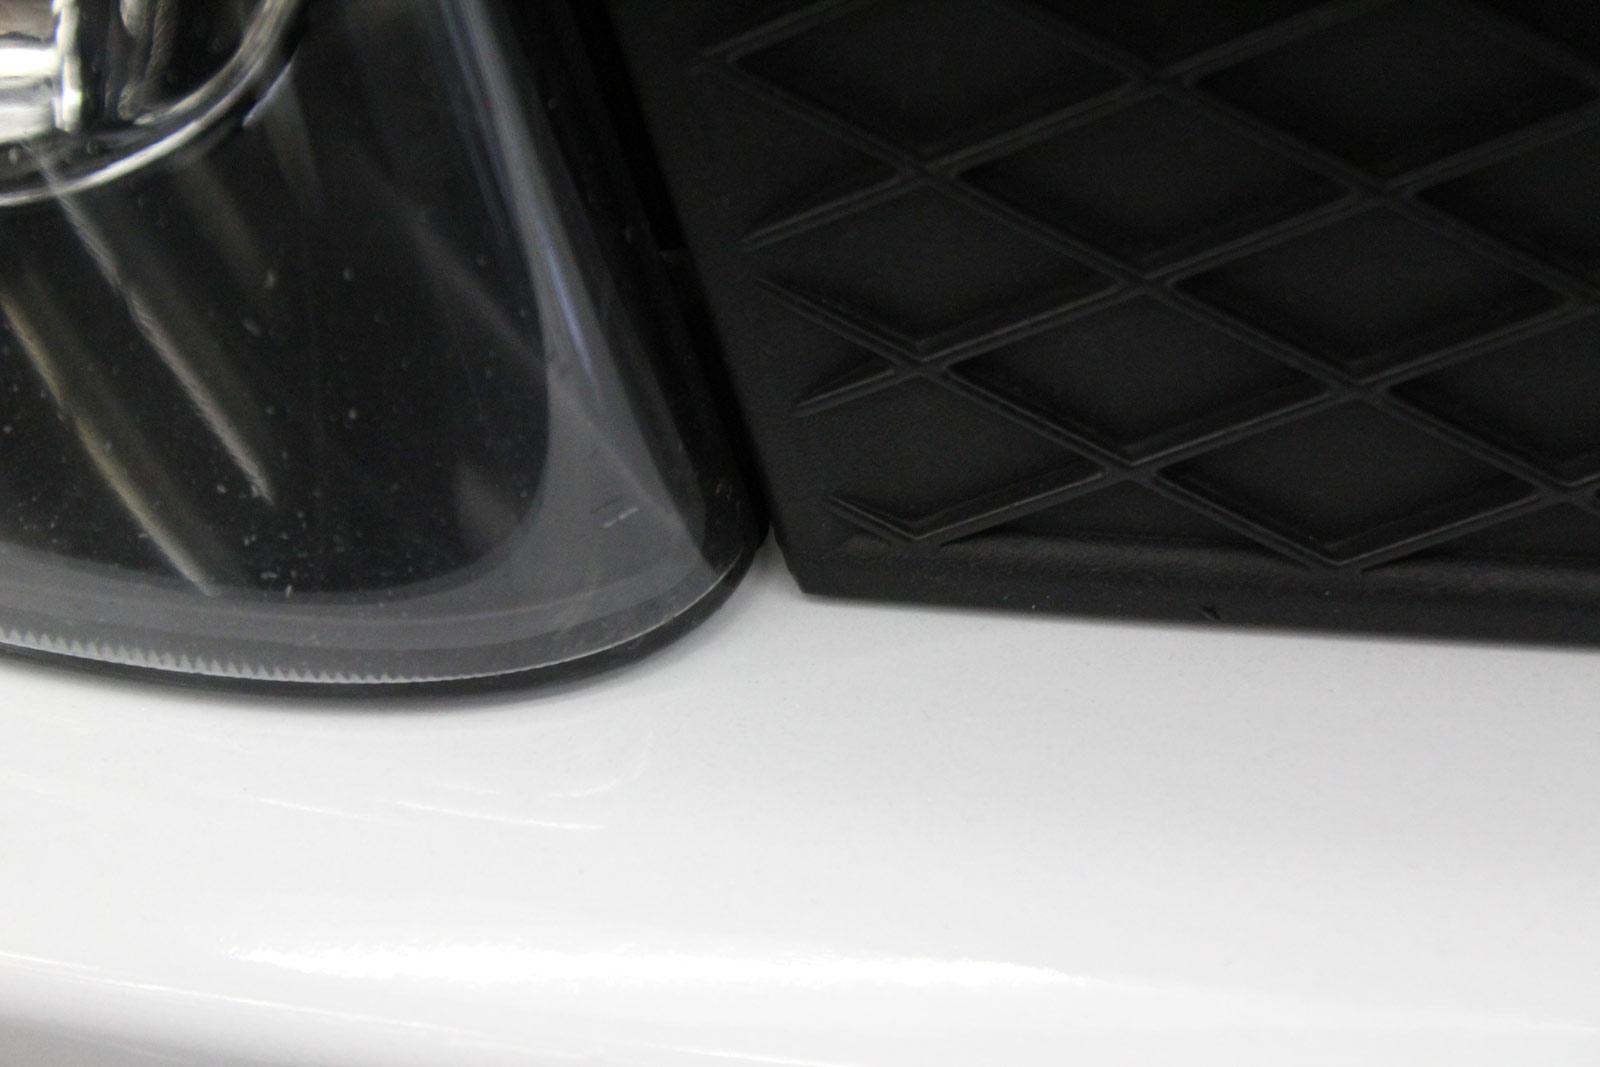 BMW_7er_Folierung_Weiss_Metallic_Schwarz_Glanz_03